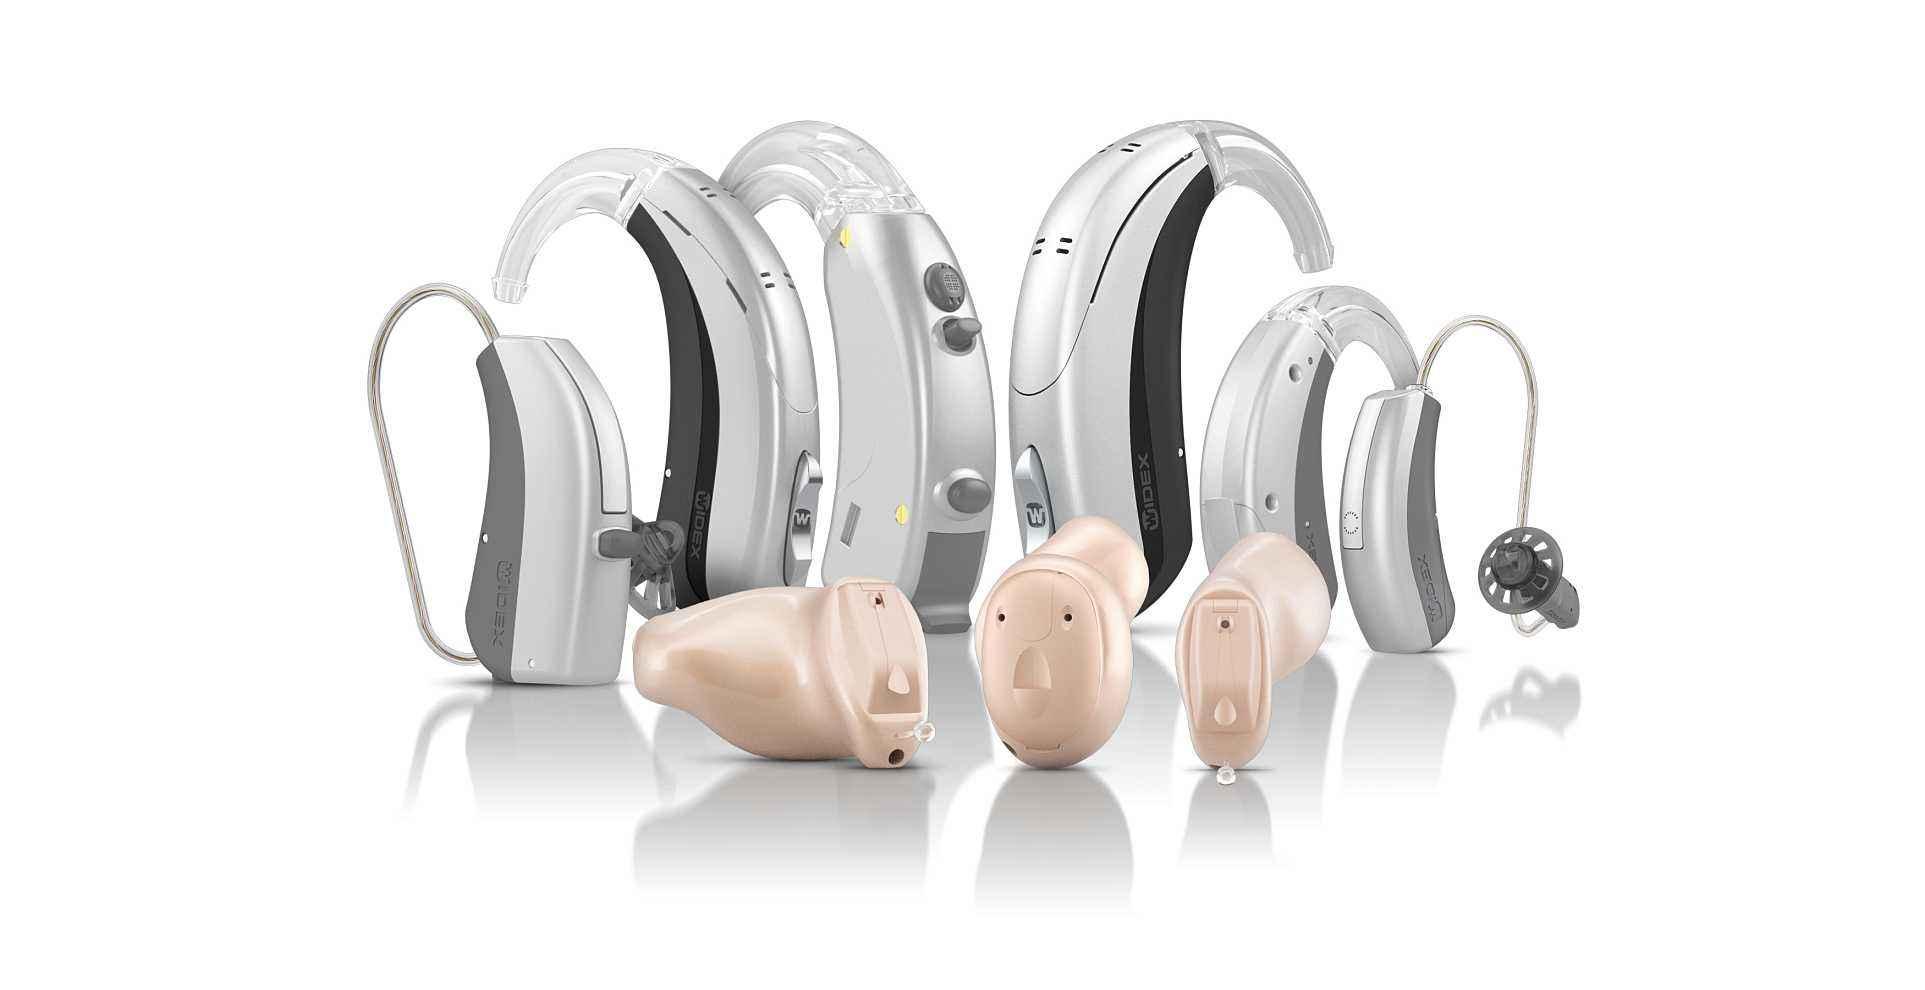 十大老年人助听器牌子排名 老年人助听器哪个牌子好